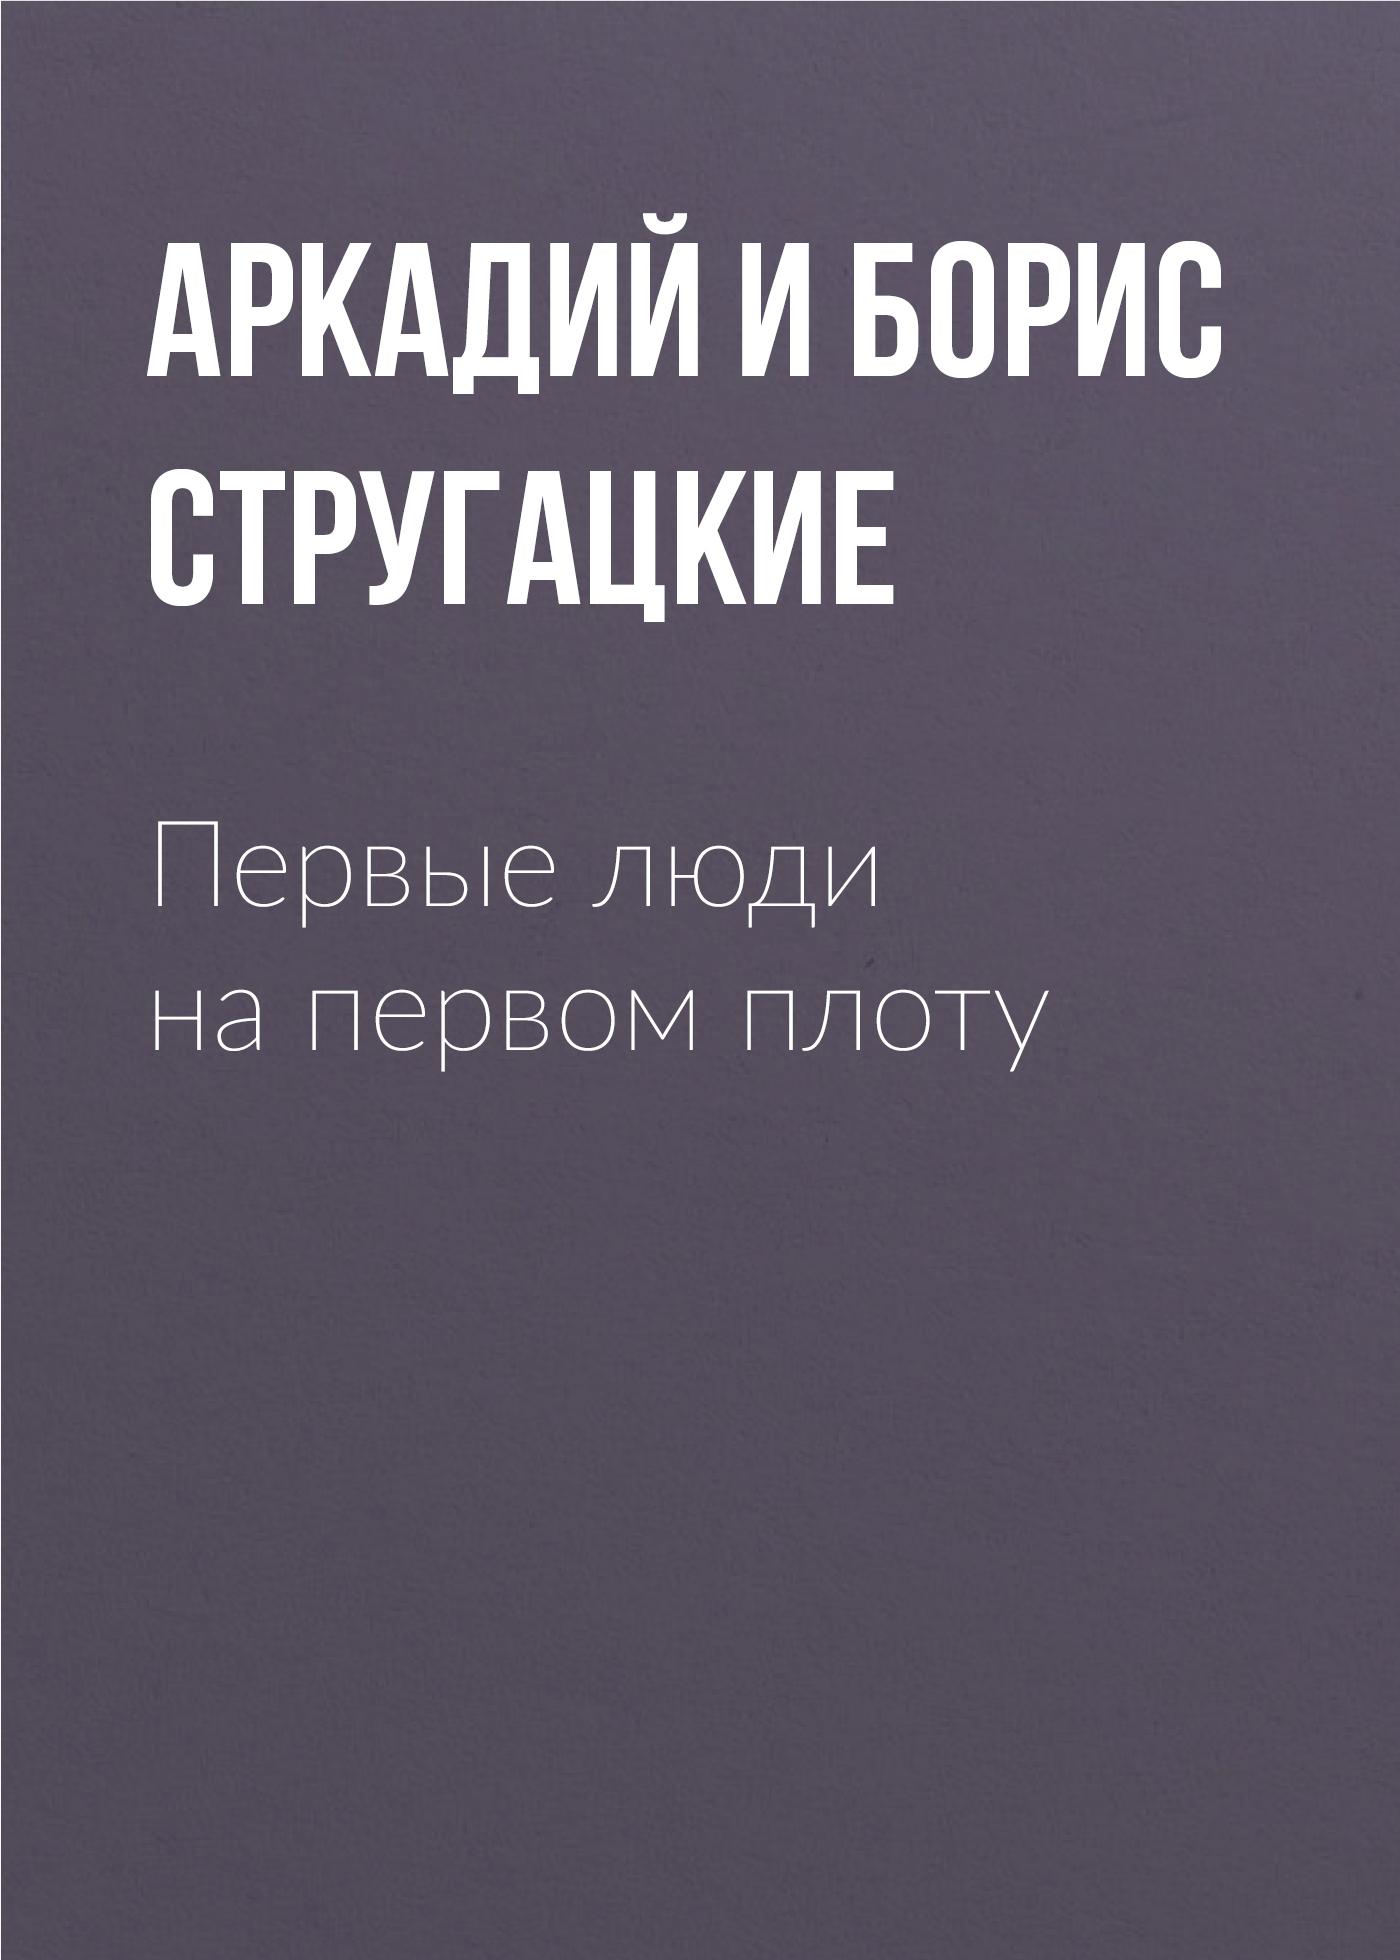 Аркадий и Борис Стругацкие Первые люди на первом плоту